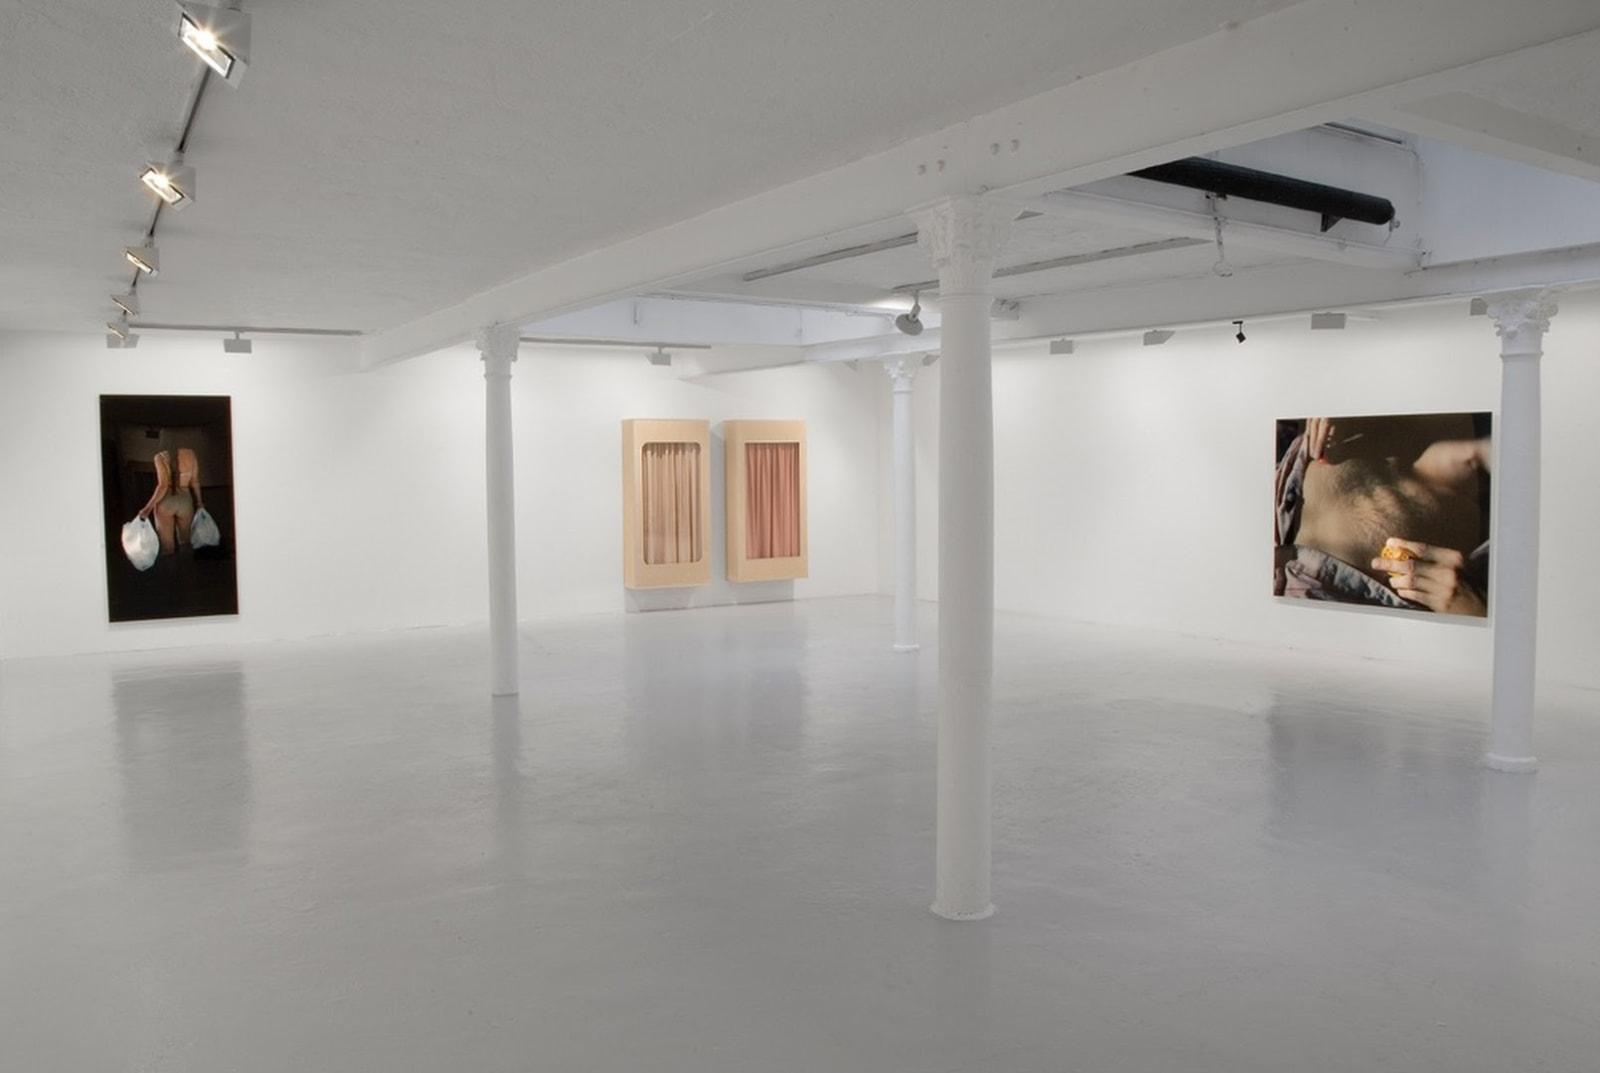 Annika von Hausswolff Installation view Magasin 3 Stockholm Konsthall, Sweden, 2008